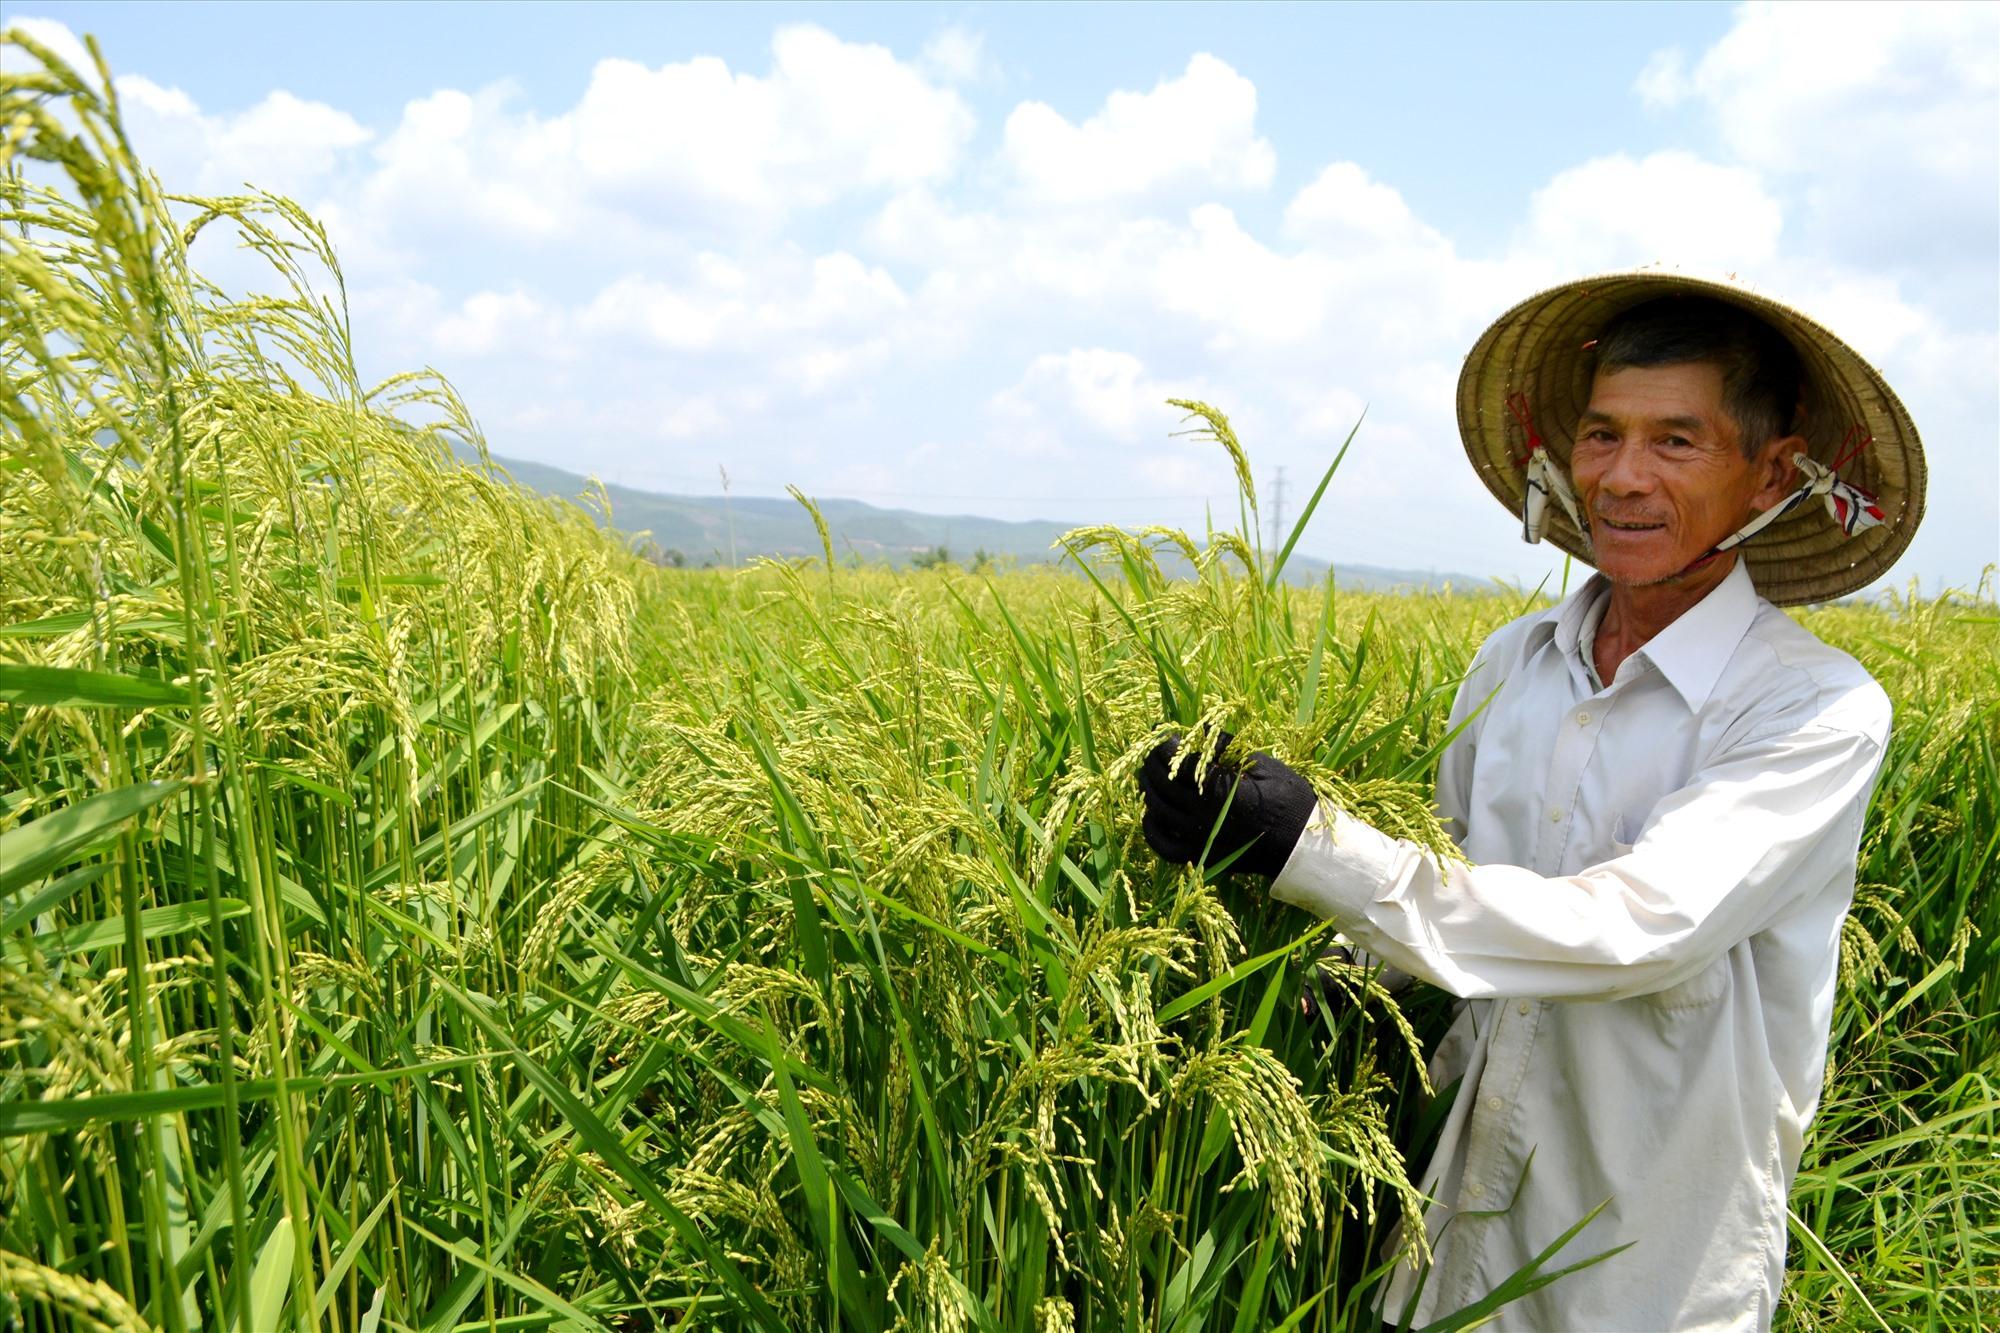 Nông dân thị trấn Ái Nghĩa bên giống lúa mẹ đang ngậm sữa. Ảnh: K.K